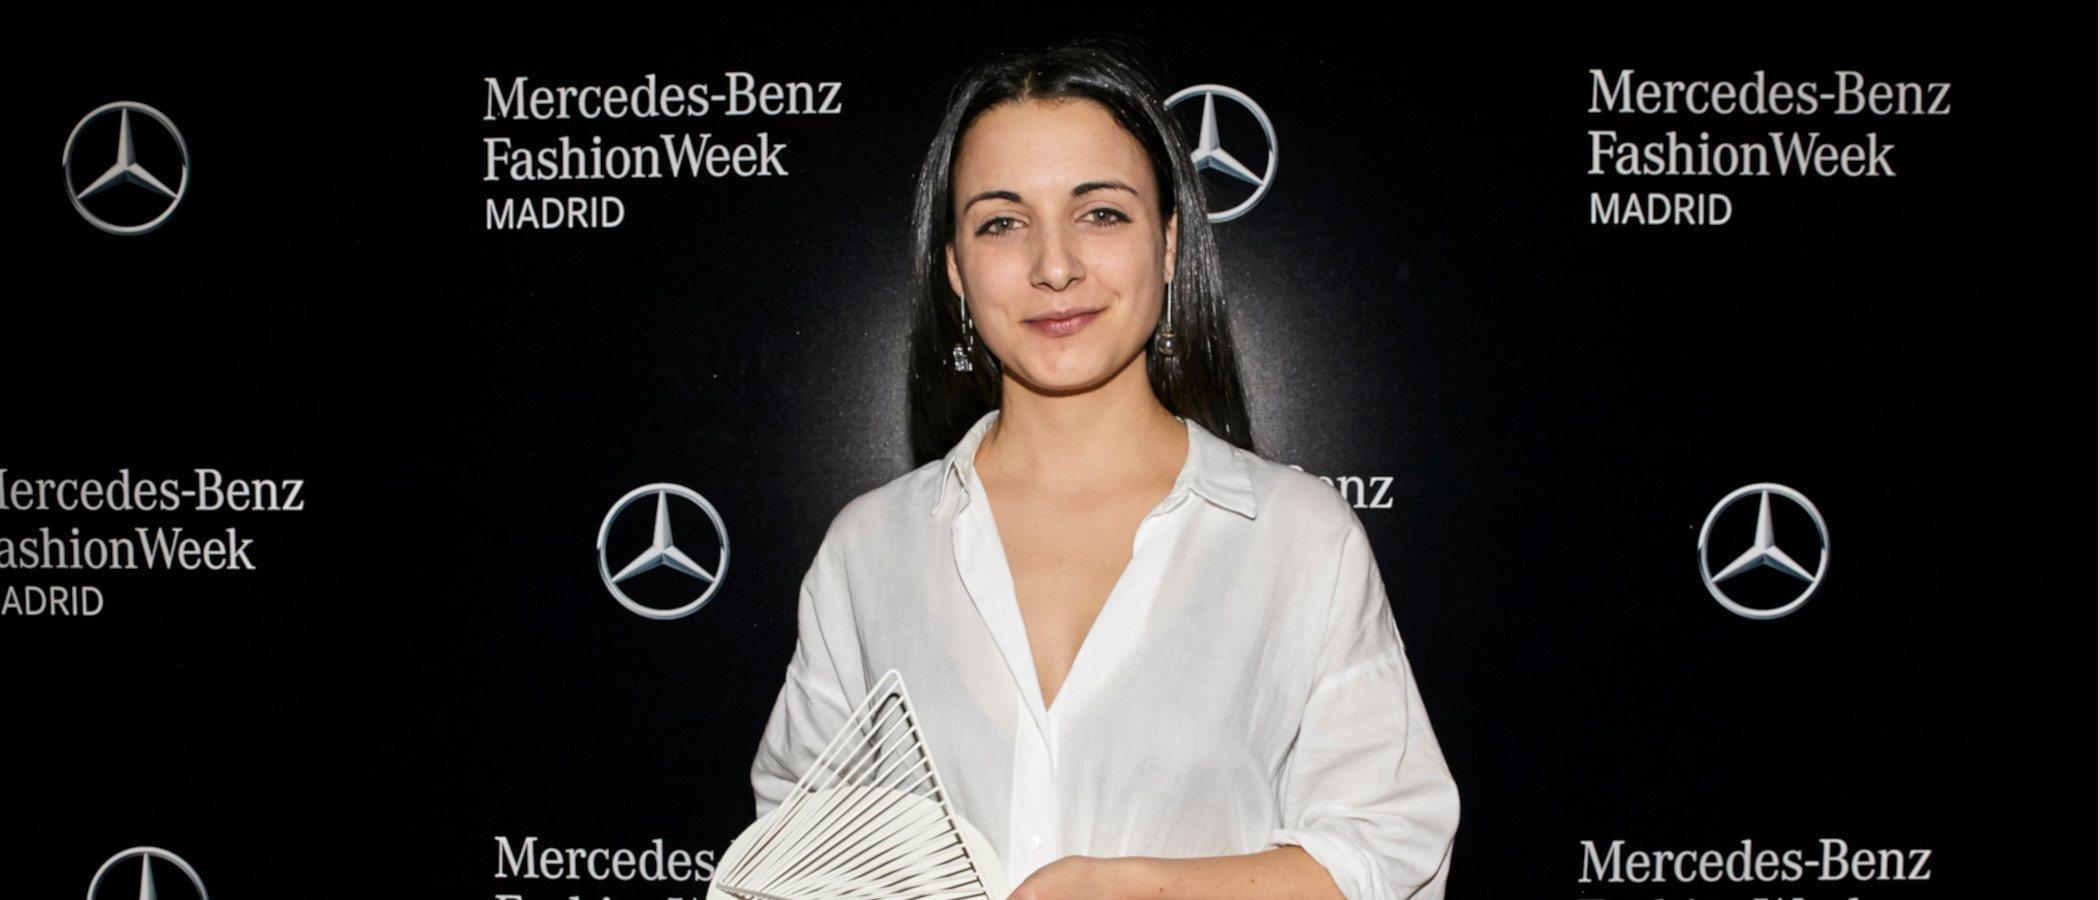 Conoce a Melania Freire, la ganadora del premio 'Mejor Diseñadora' de la MBFW de Madrid